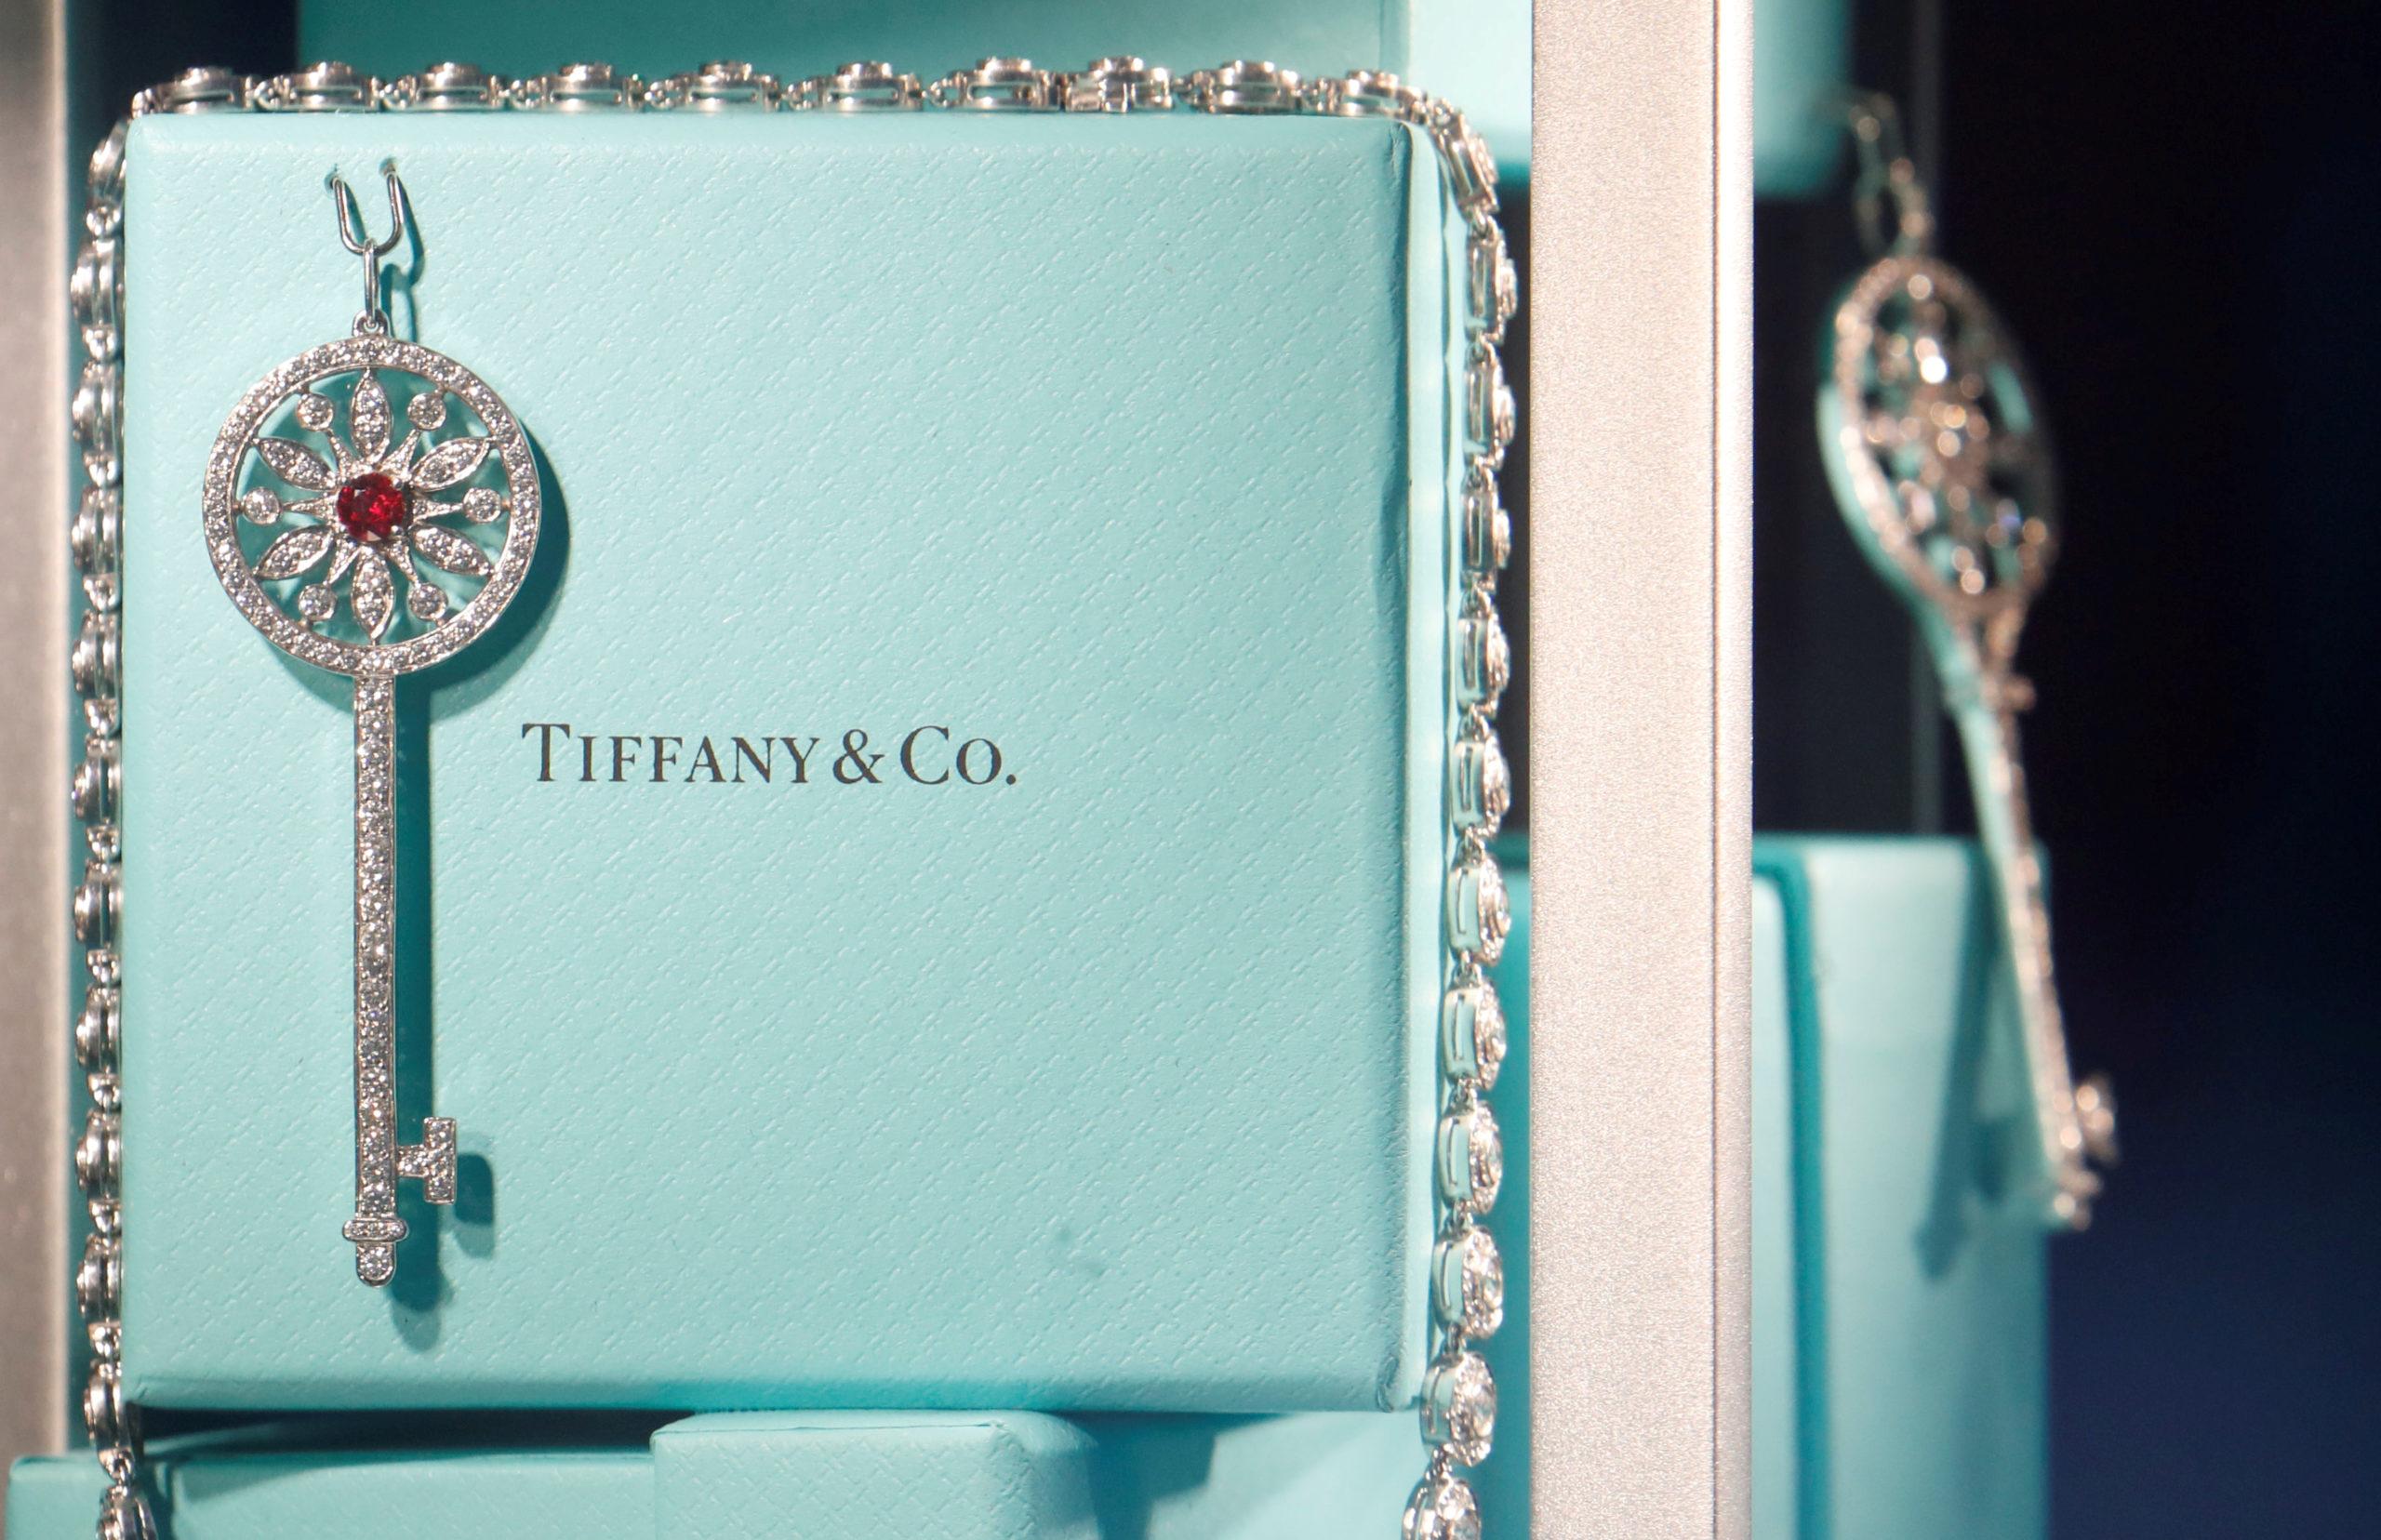 L'Elysée à l'initiative de l'intervention de l'Etat dans le dossier du rachat de Tiffany par LVMH